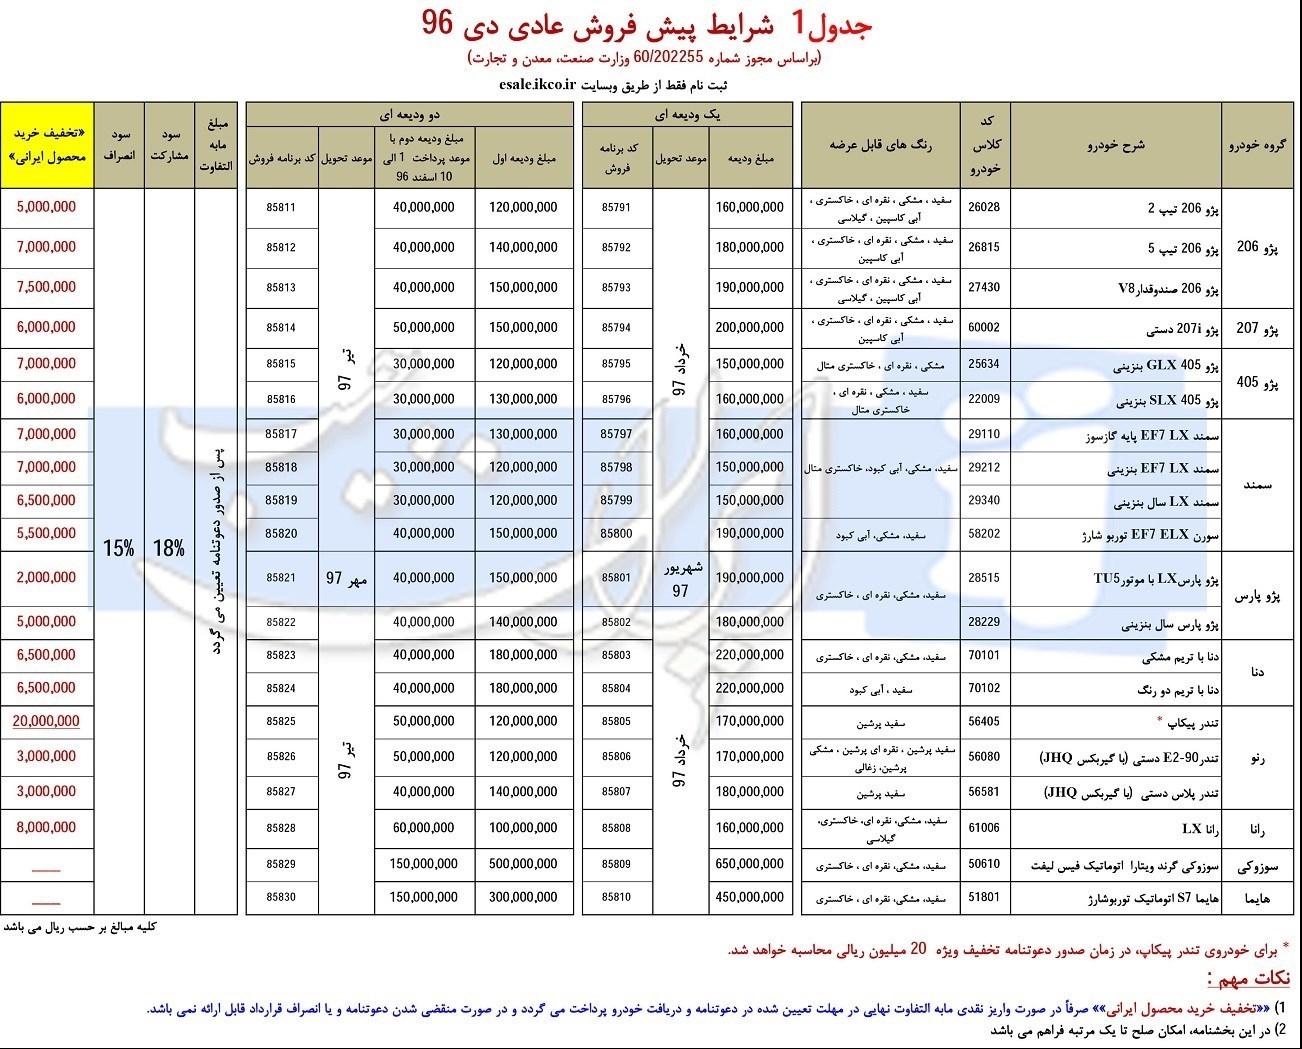 پیش فروش محصولات ایران خودرو ویژه دی ماه 96